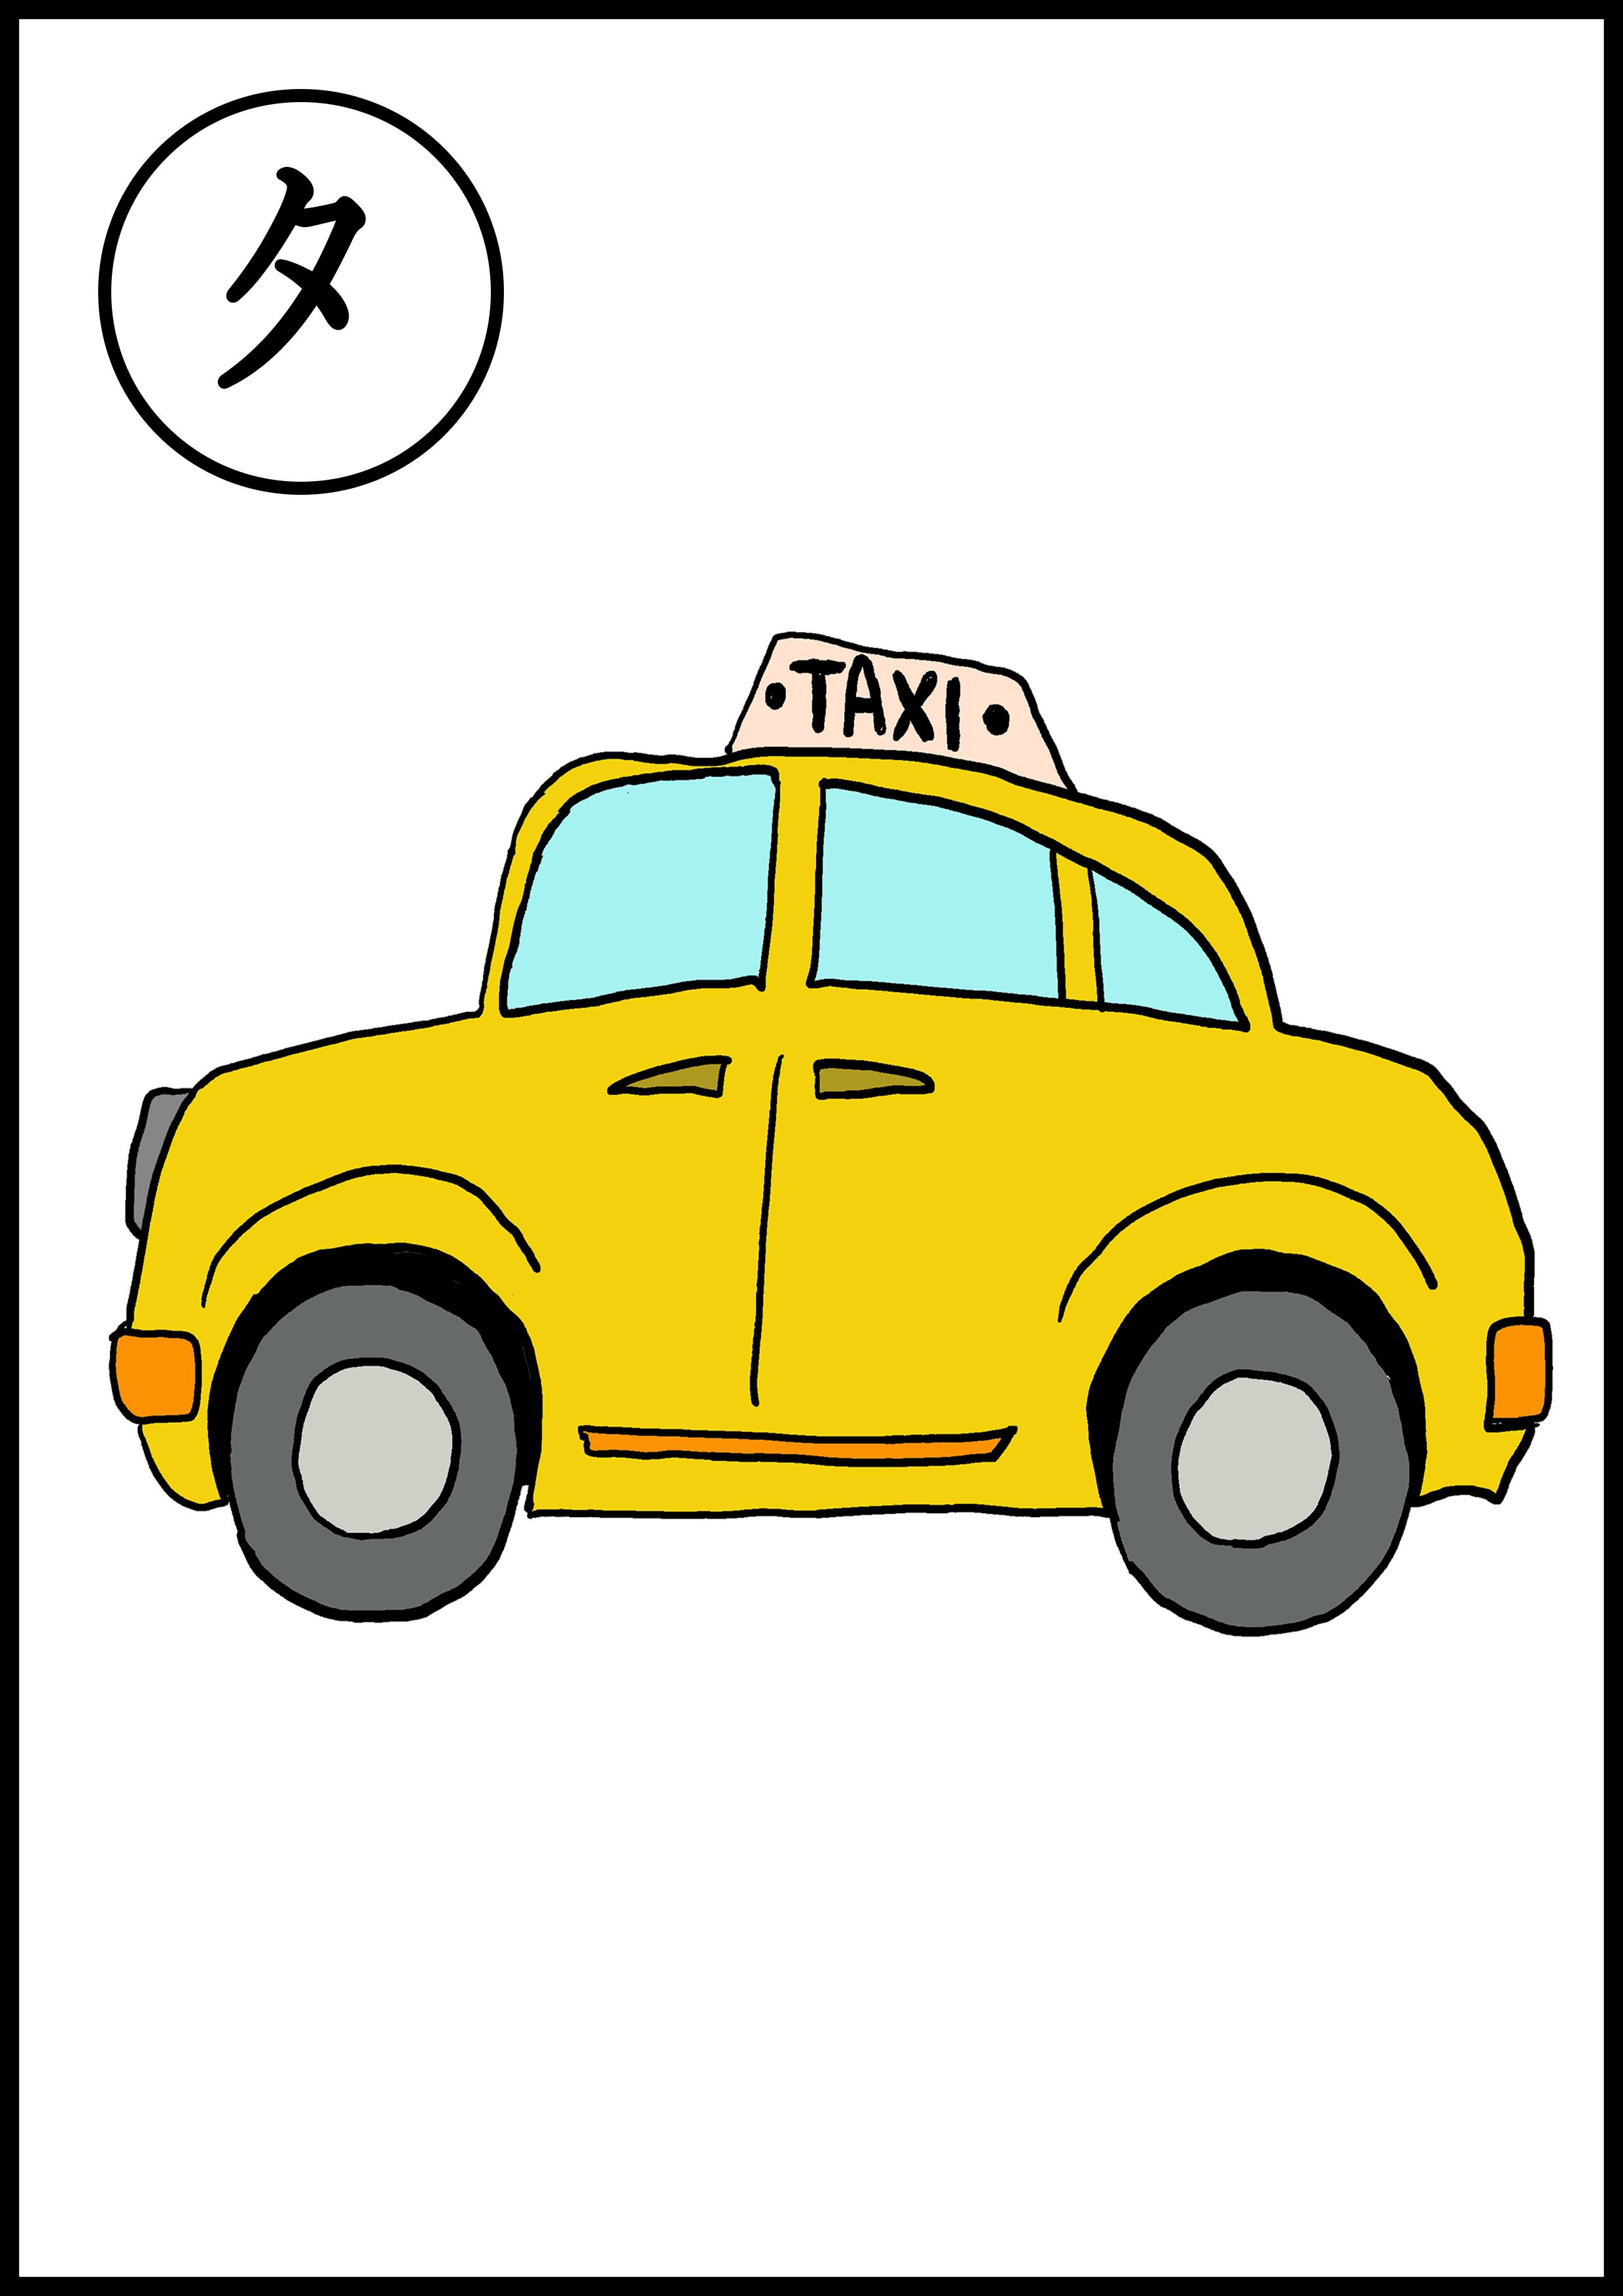 カルタイラスト【タクシー】